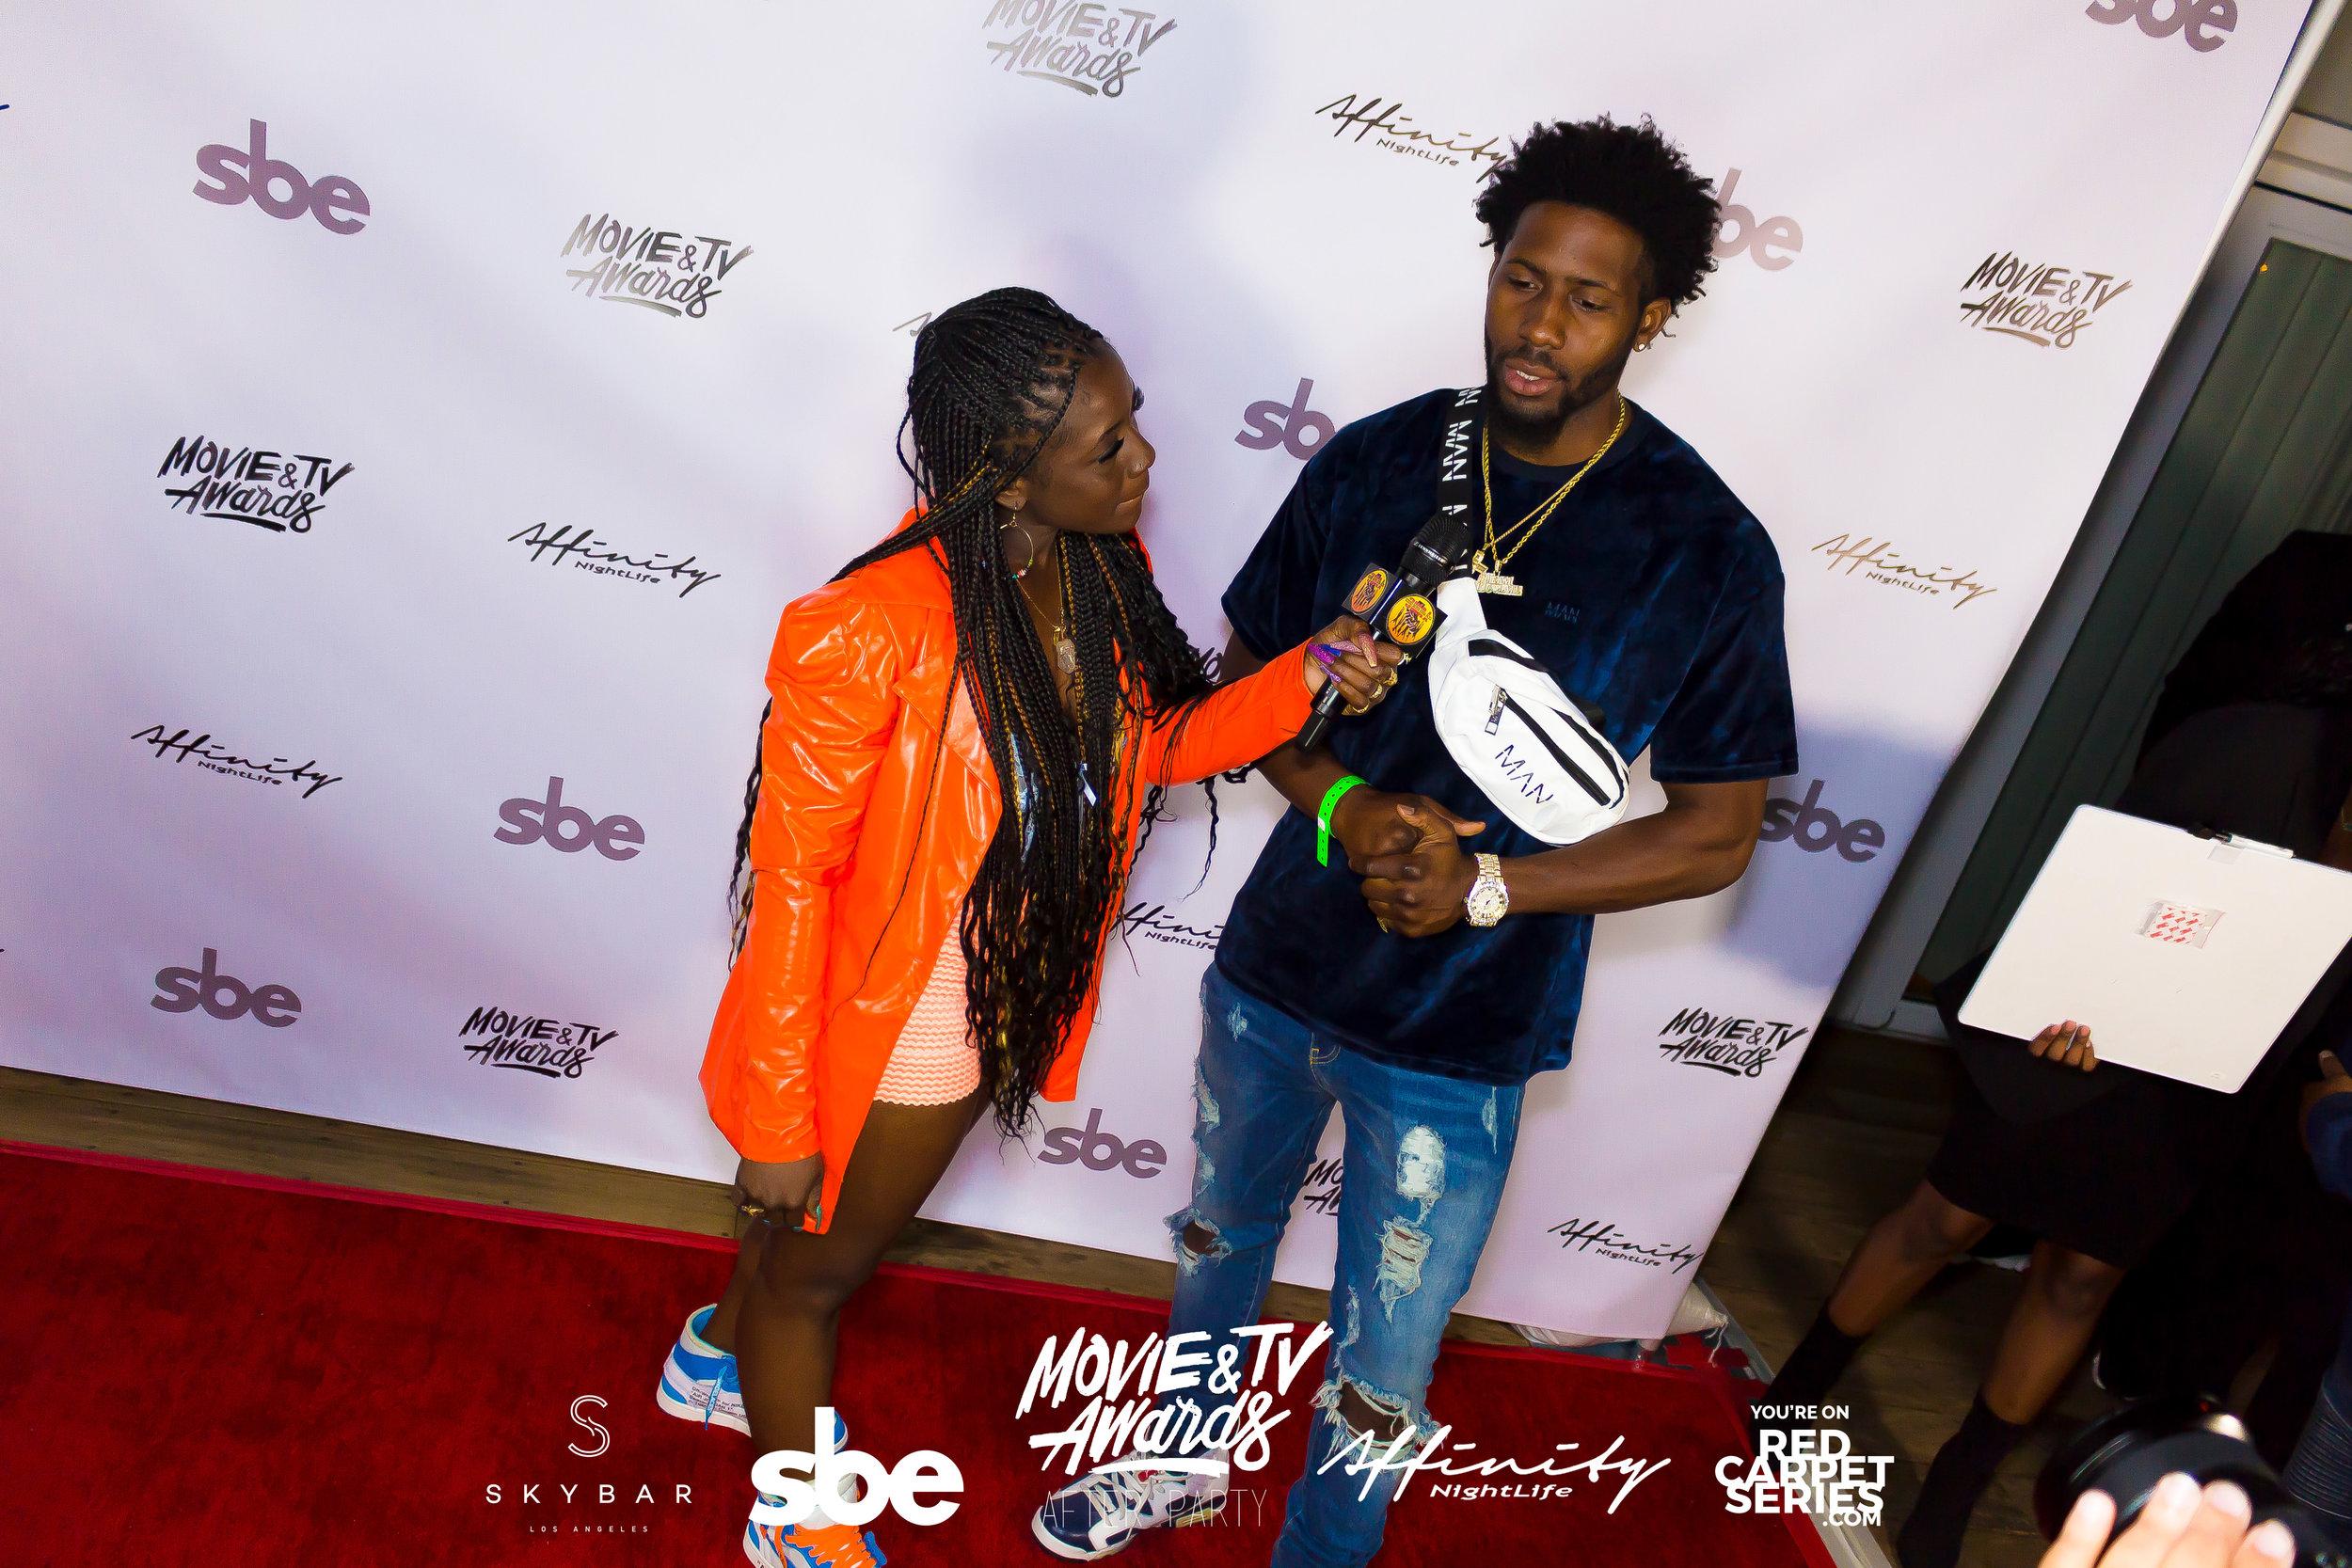 Affinity Nightlife MTV Movie & TV Awards After Party - Skybar at Mondrian - 06-15-19 - Vol. 1_34.jpg